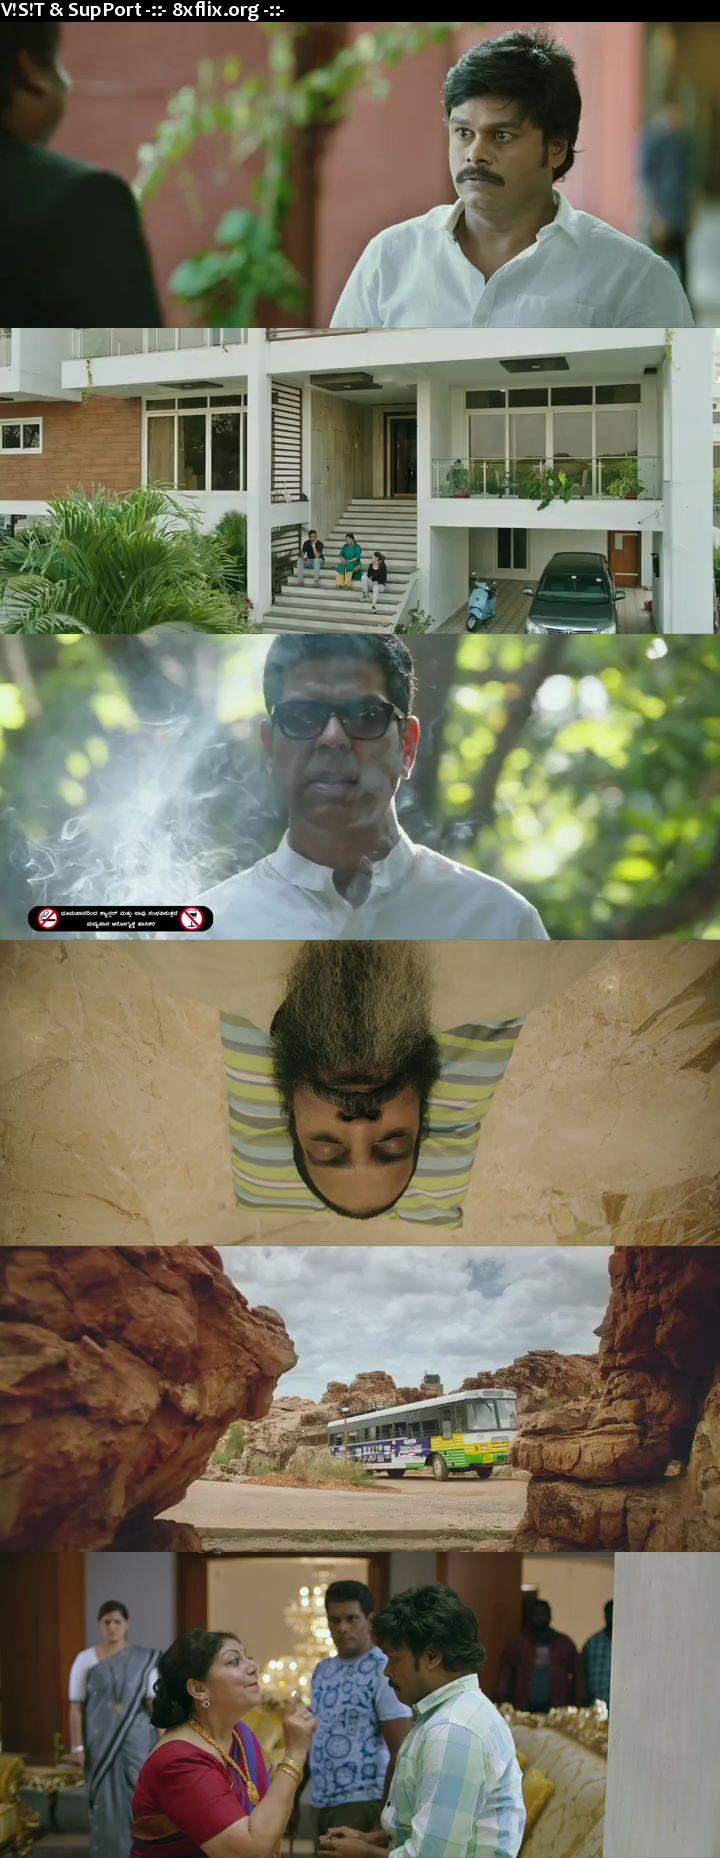 Tenali Ramakrishna BA.BL 2019 Hindi Tamil Dual Audio 720p 480p UNCUT HDRip